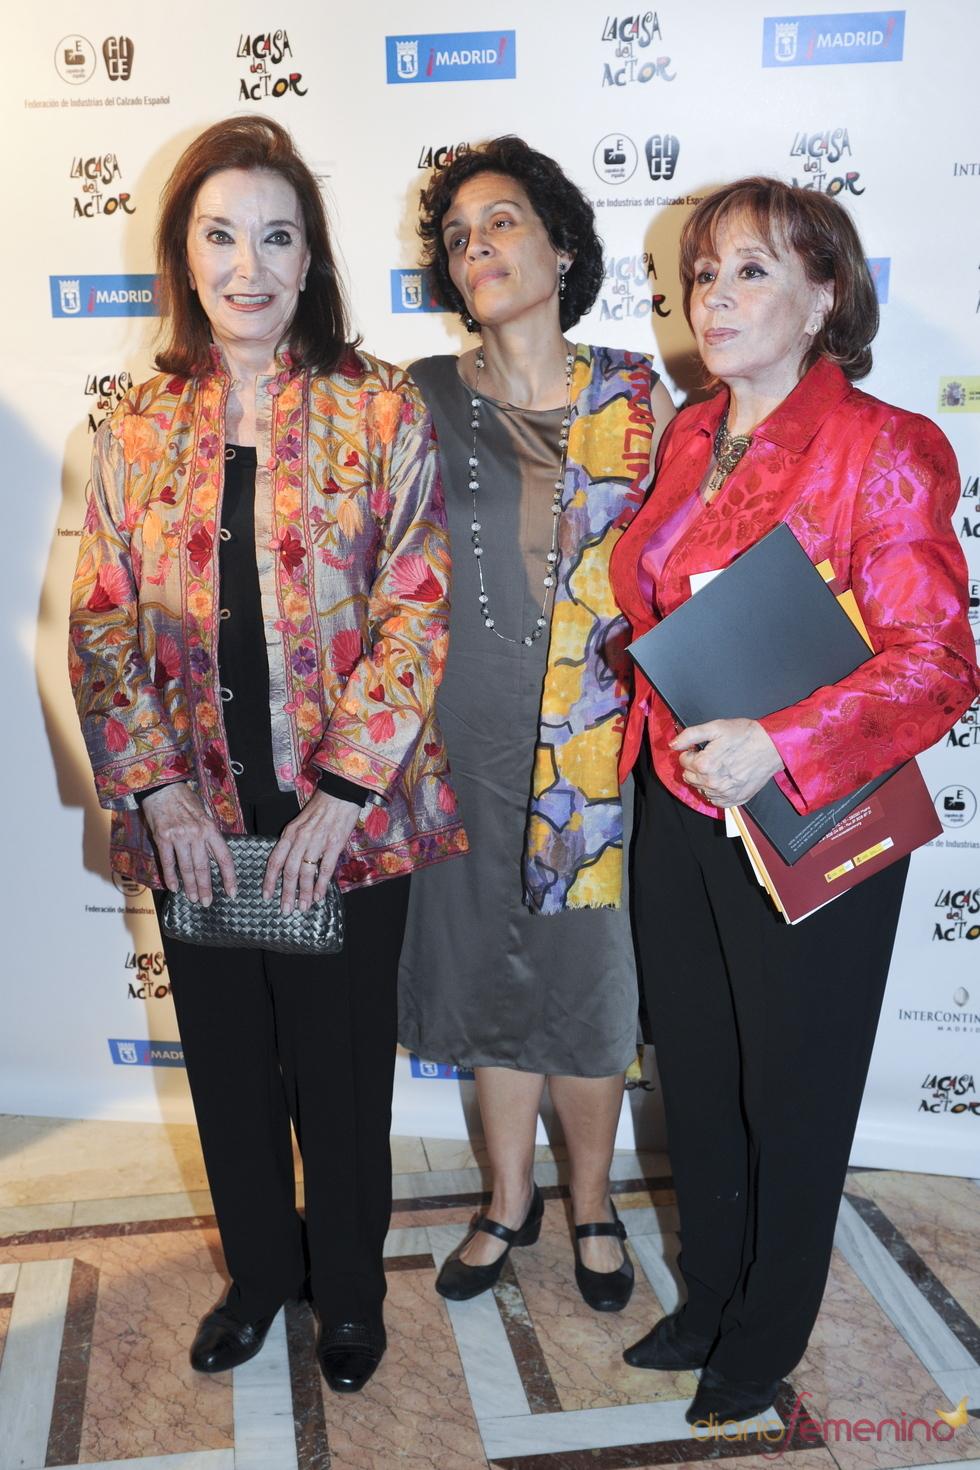 Nuria Espert y Julia Trujillo durante los Premios de la Fundación Casa del Actor 2011